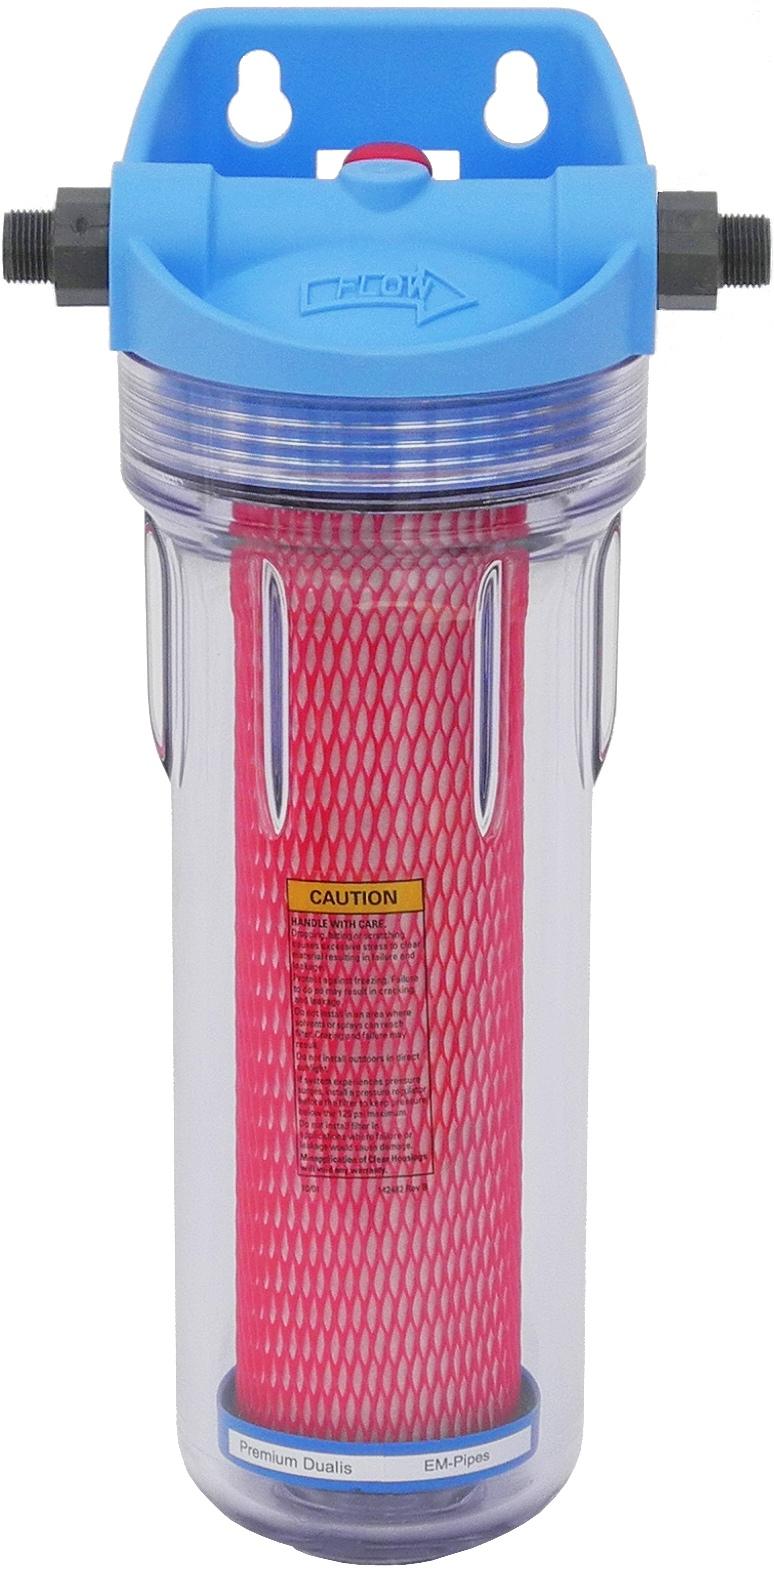 Untertisch-Wasserfilter Purix zur Wasserfiltration